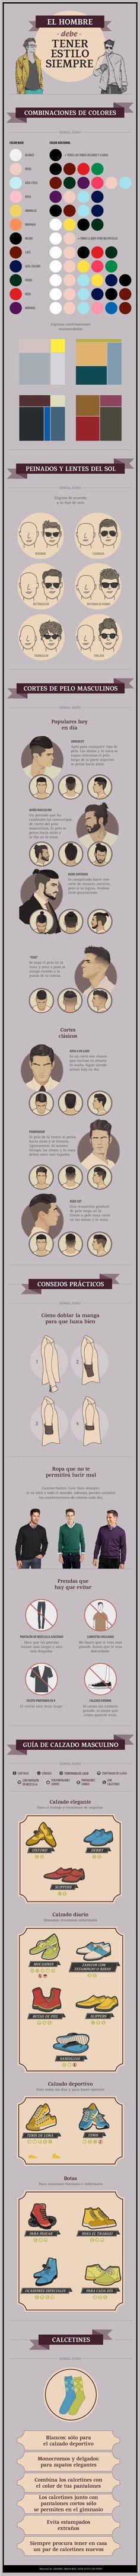 Genial.guru tetrae los mejores consejos para hombres que quieren lucir completamente bien todos los días. Esuna auténtica guía del estilo masculino.